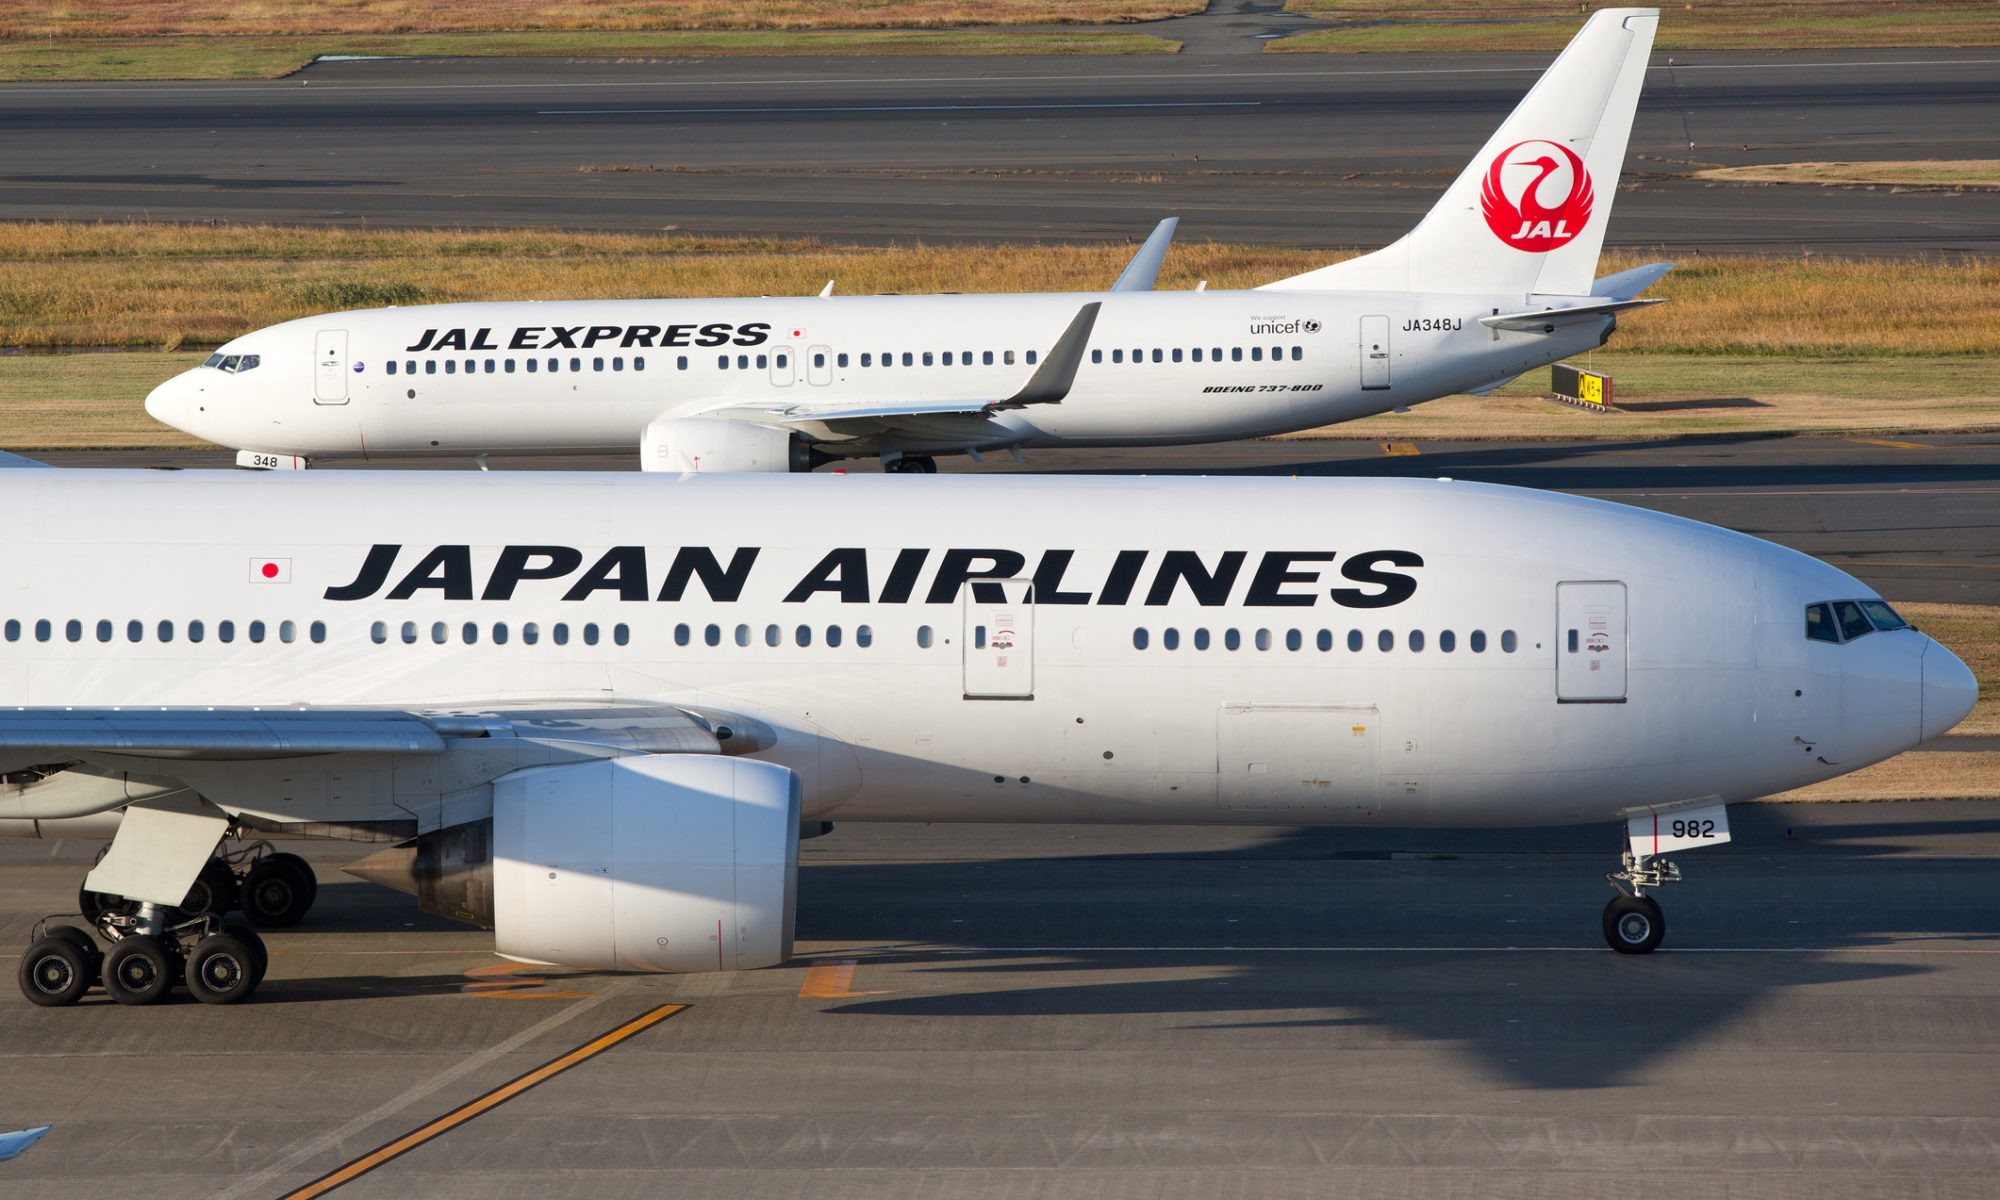 Vận tải hàng không đi Osaka chuyên nghiệp cùng Viettelcargo